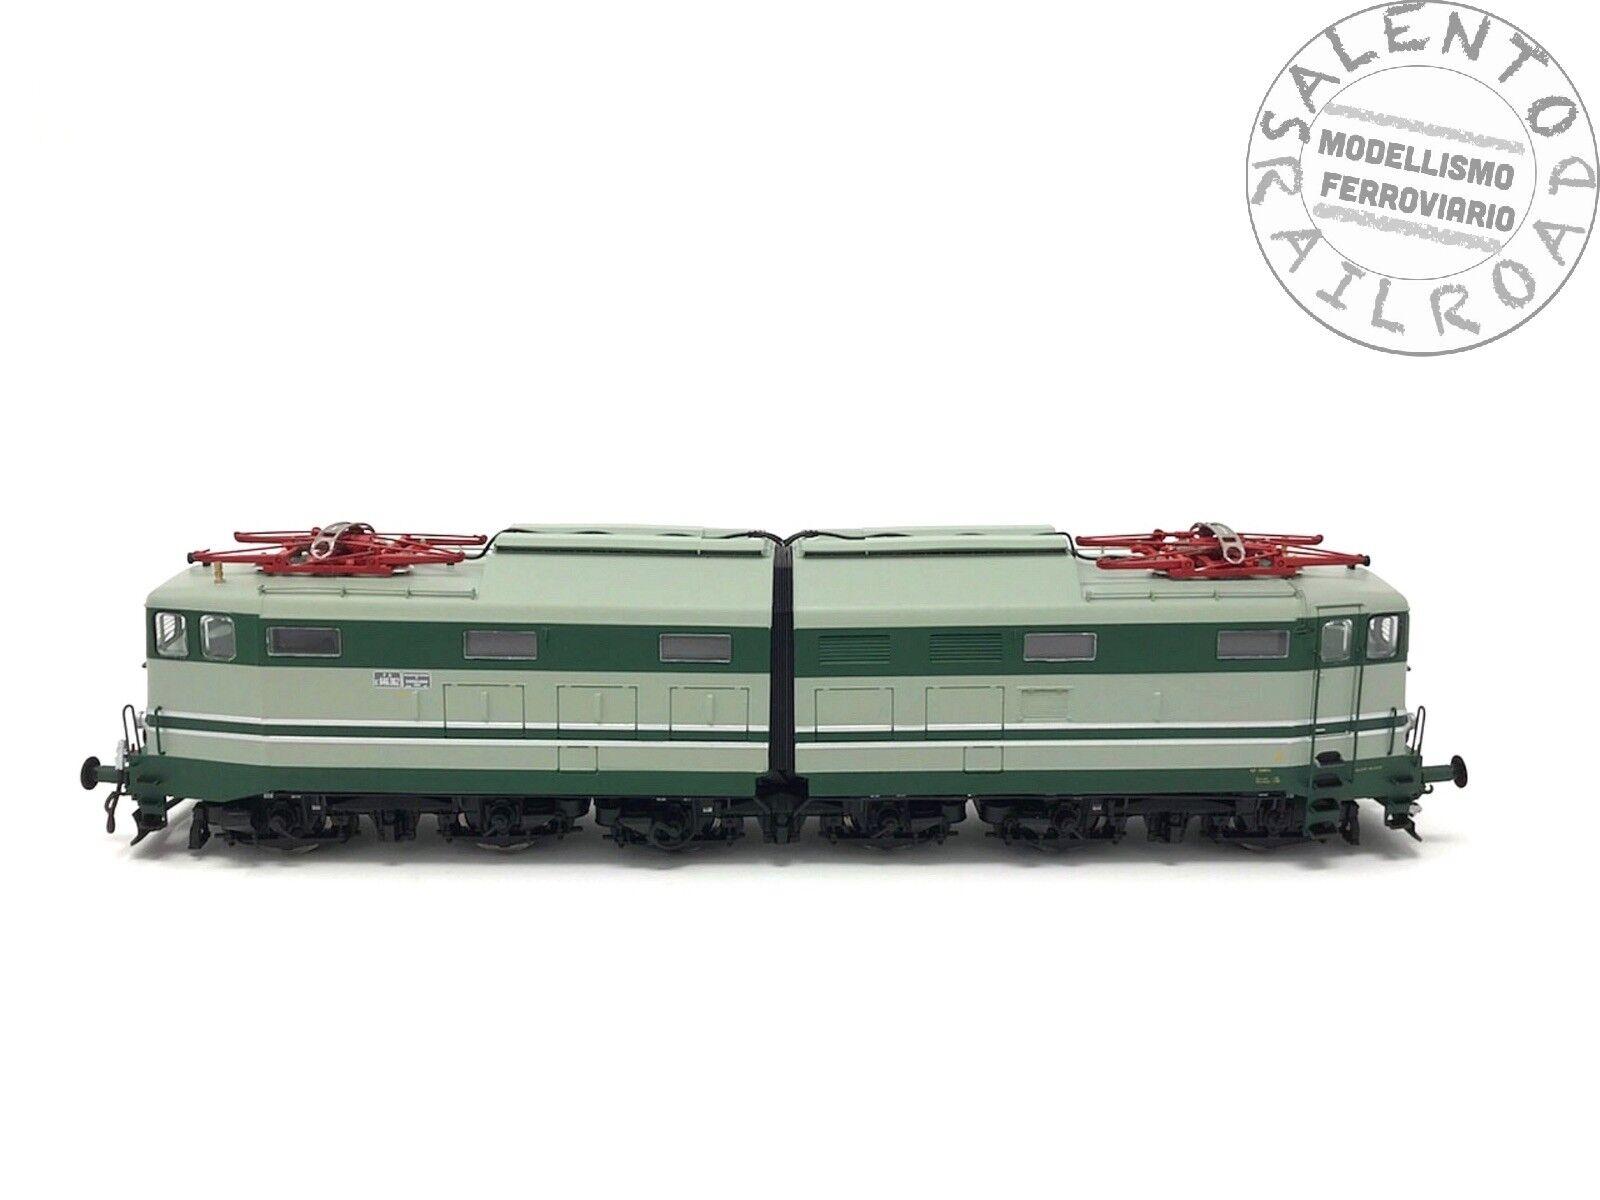 ACME 69162 lokomotora FS 646.062 con esbilelas ampla y möguras - DDC ljud